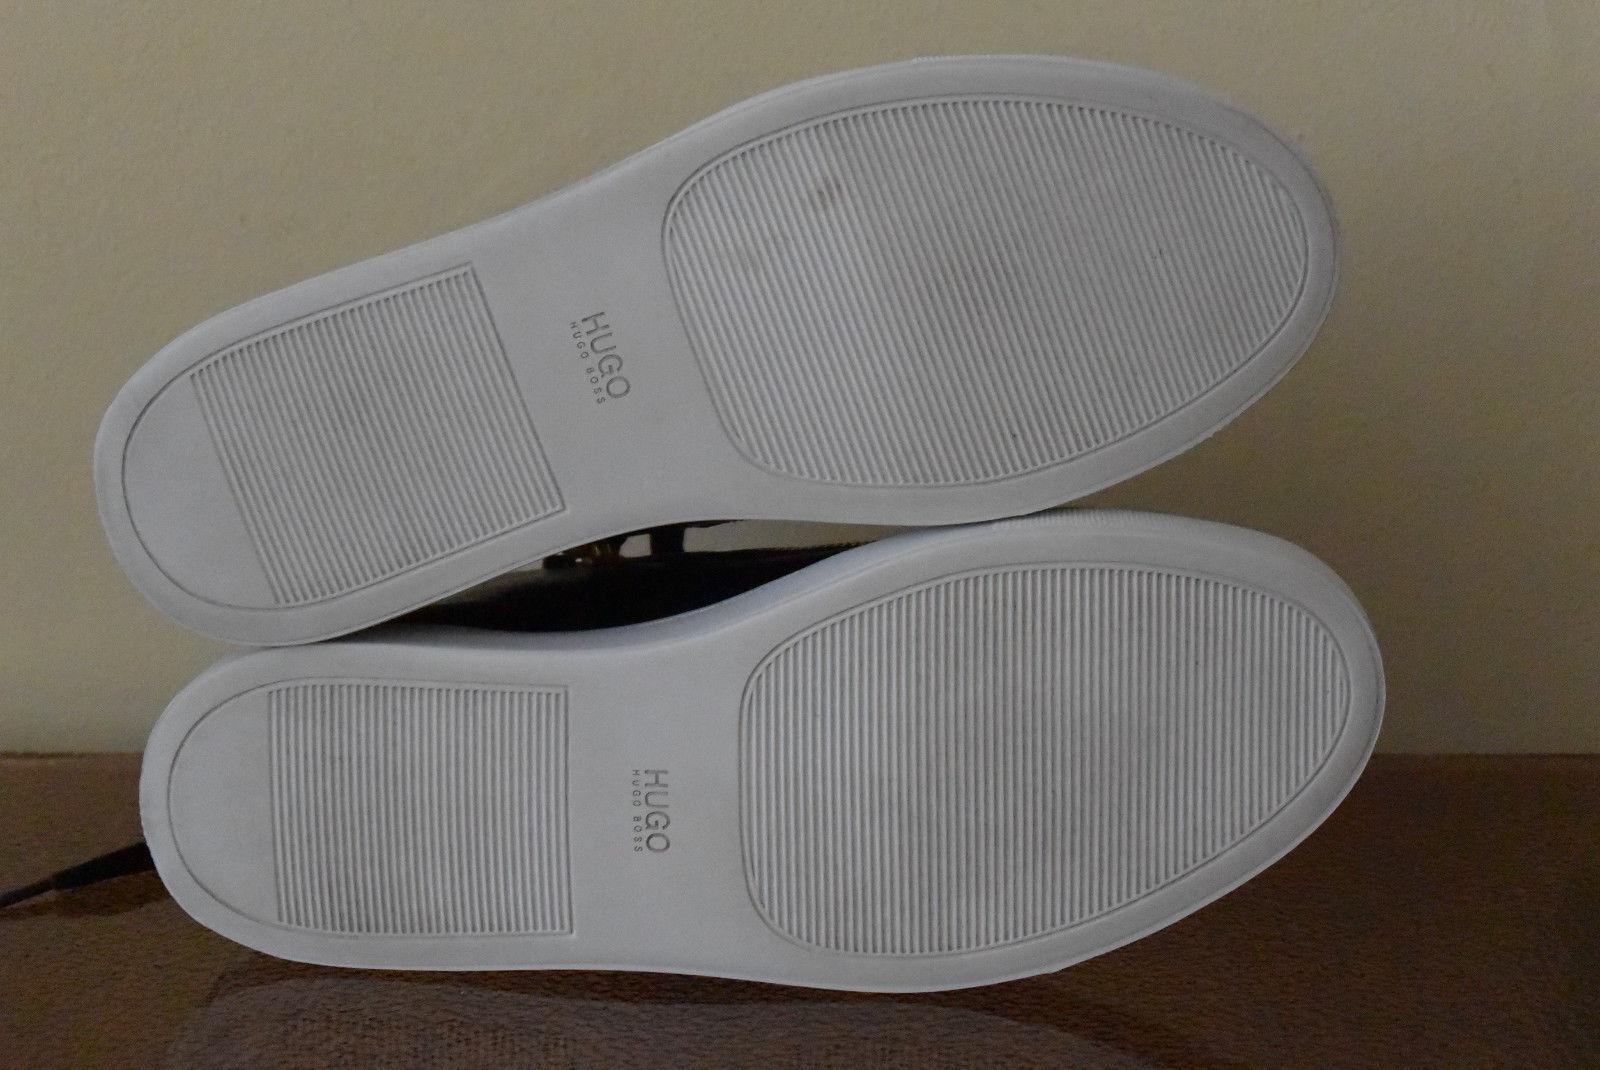 Hugo Boss Leather baskets baskets baskets Sz. 8 (39) 990bac